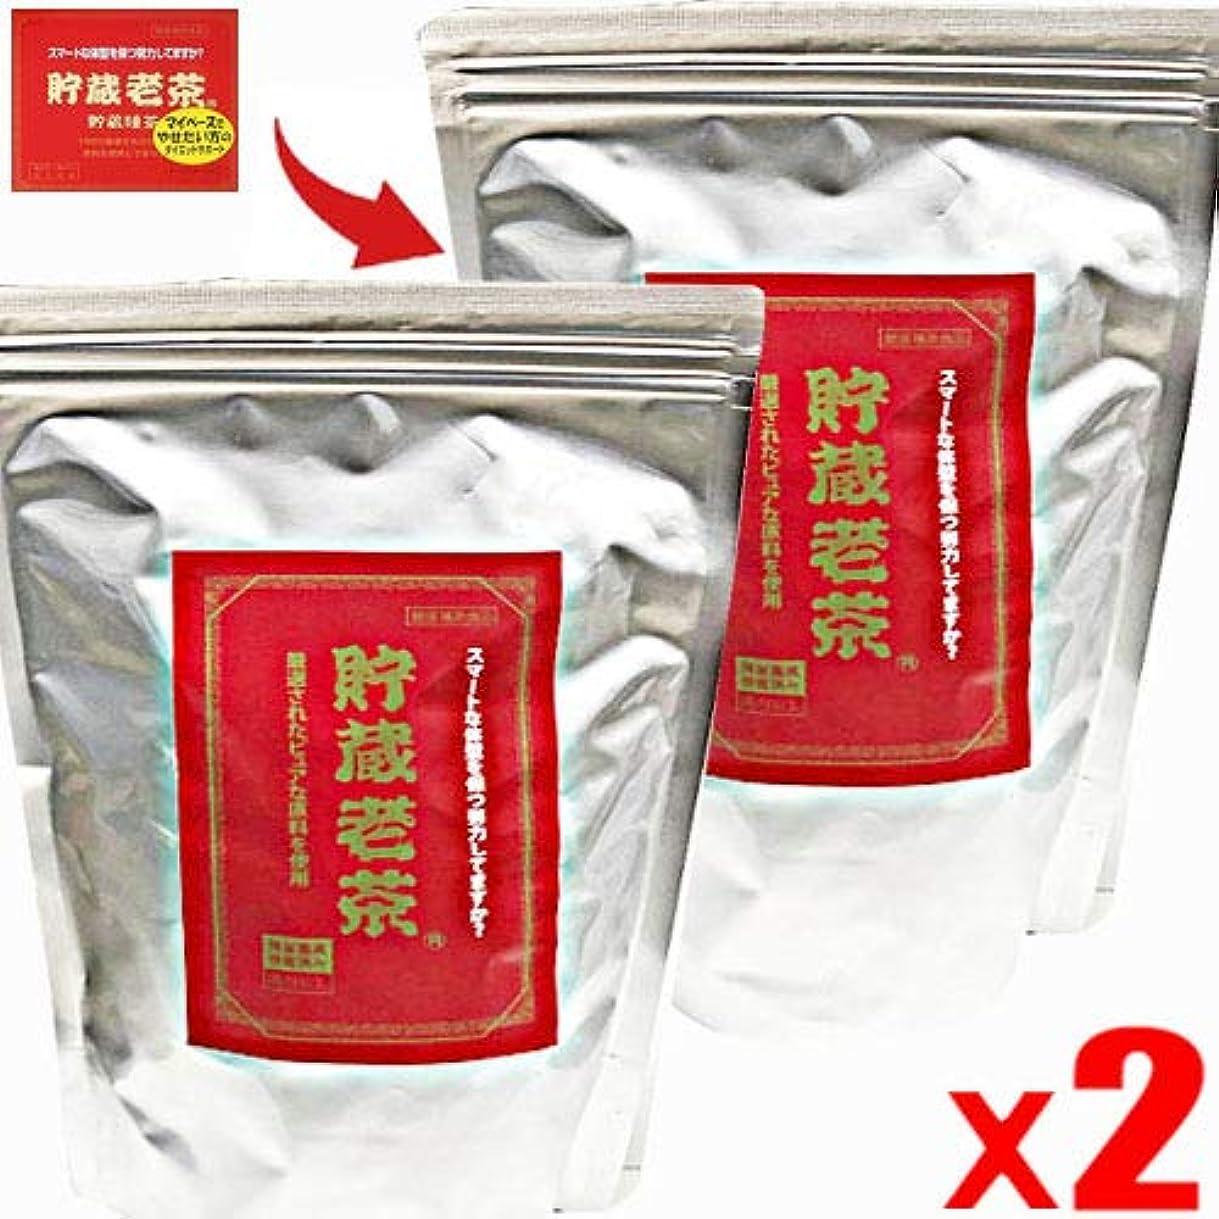 お気に入り姉妹効果的に共栄 貯蔵老茶 (3.7gX60包)x2個(4972889000197-2) 赤箱からパウチ包装に変更です。